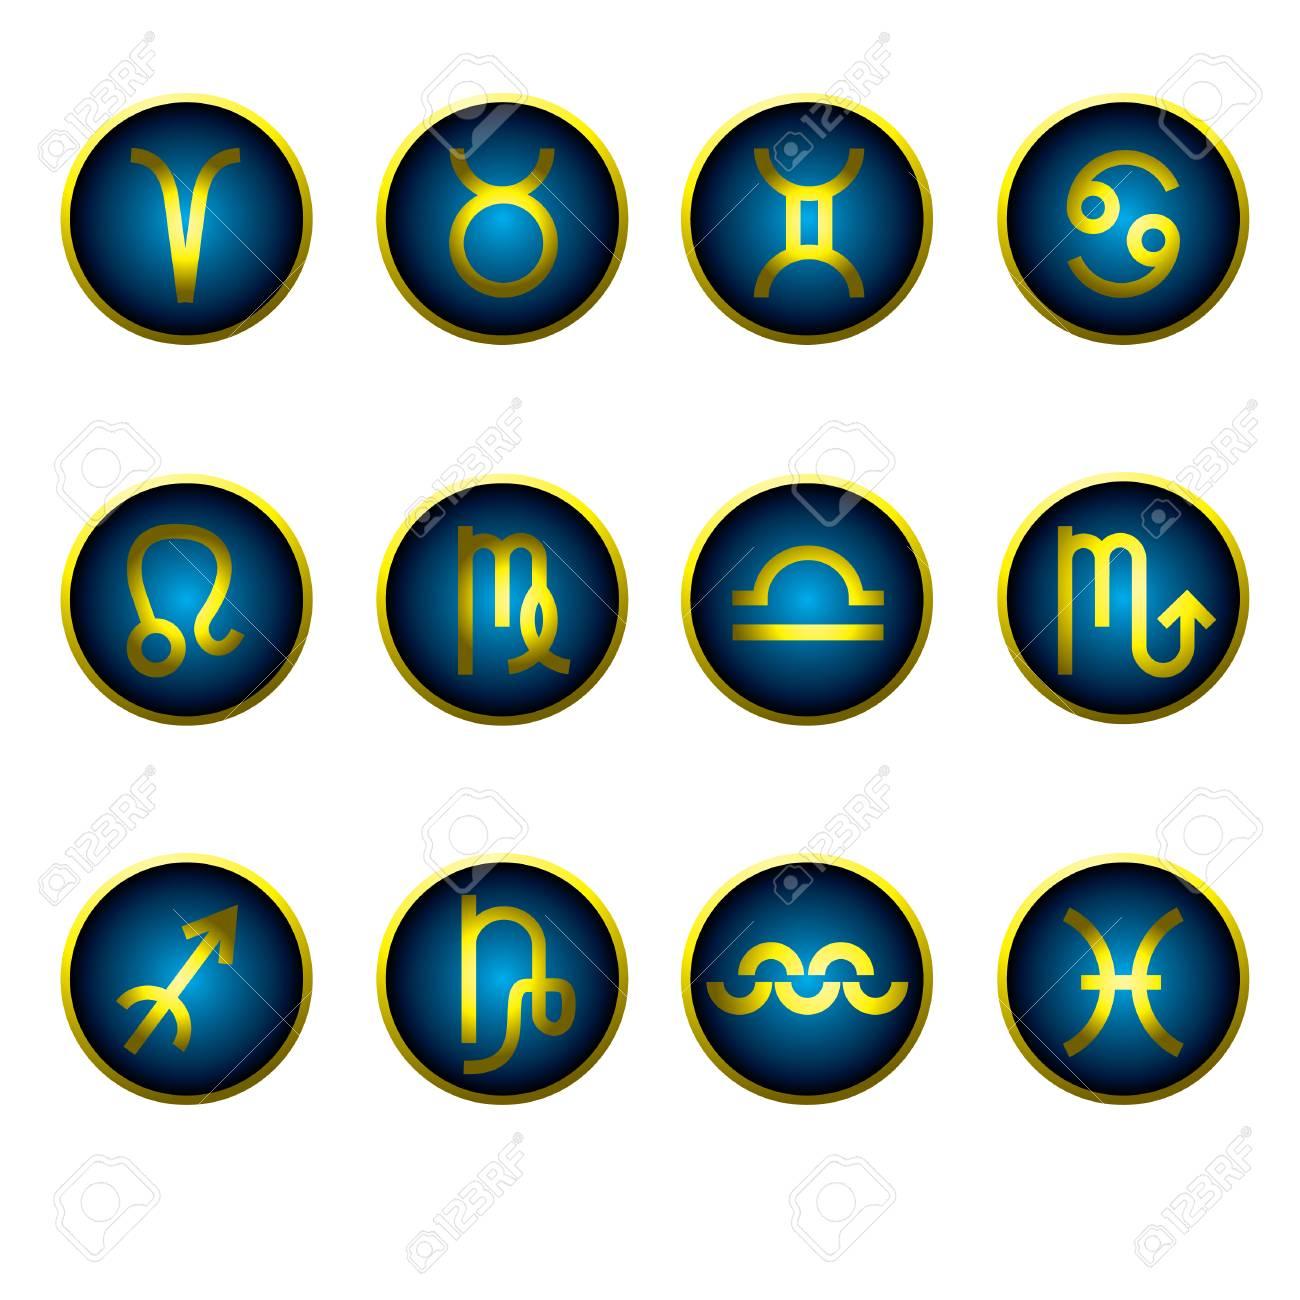 Wunderbar Jungfrau Element Galerie Von Satz Von Gradienten Zodiac Icons - Designelement: